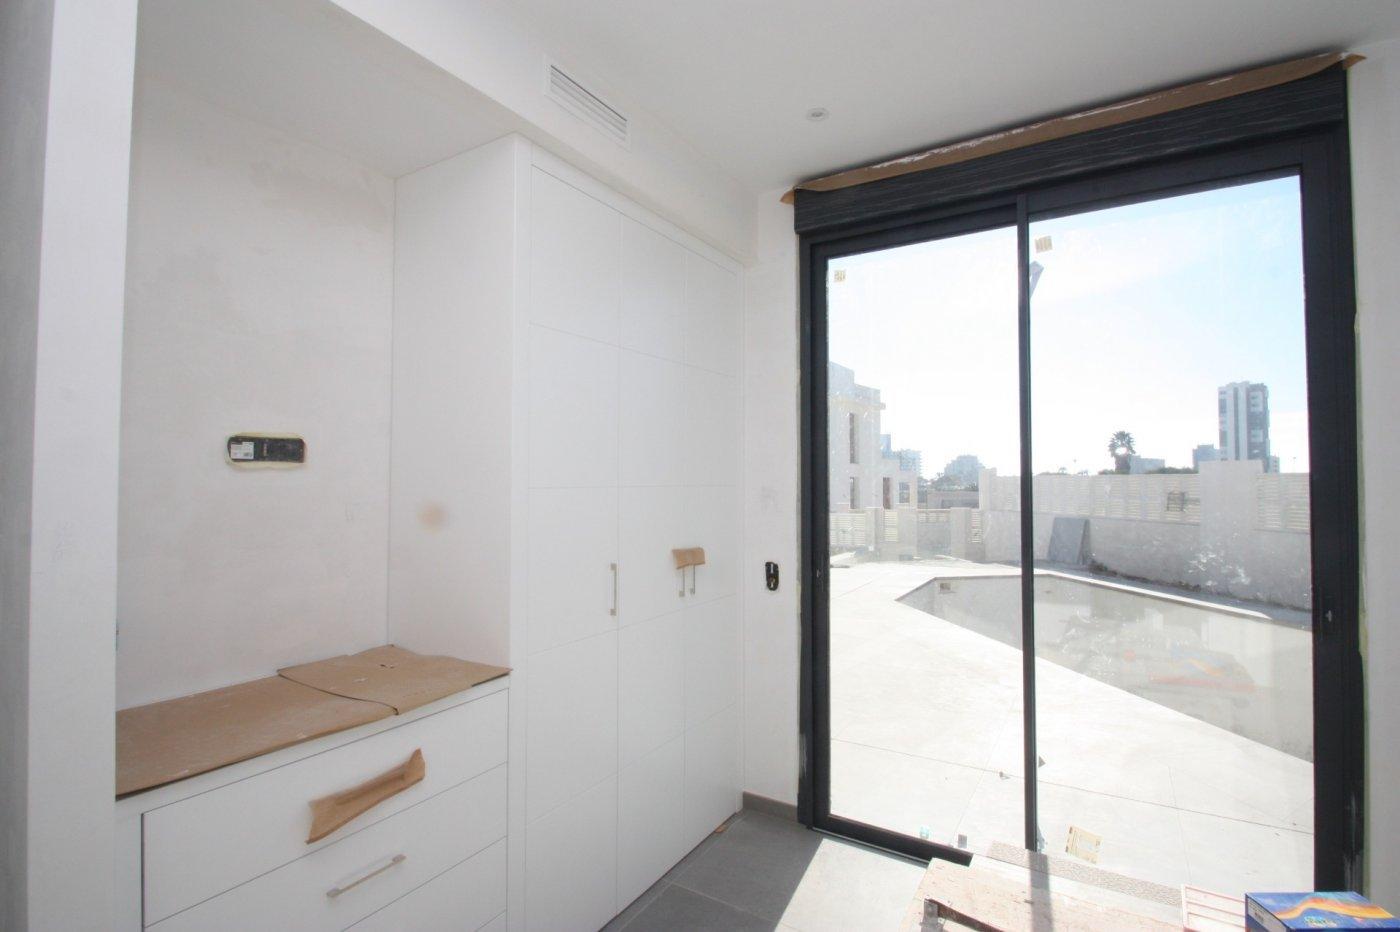 Villa de nueva construcción de 4 dormitorios en Calpe